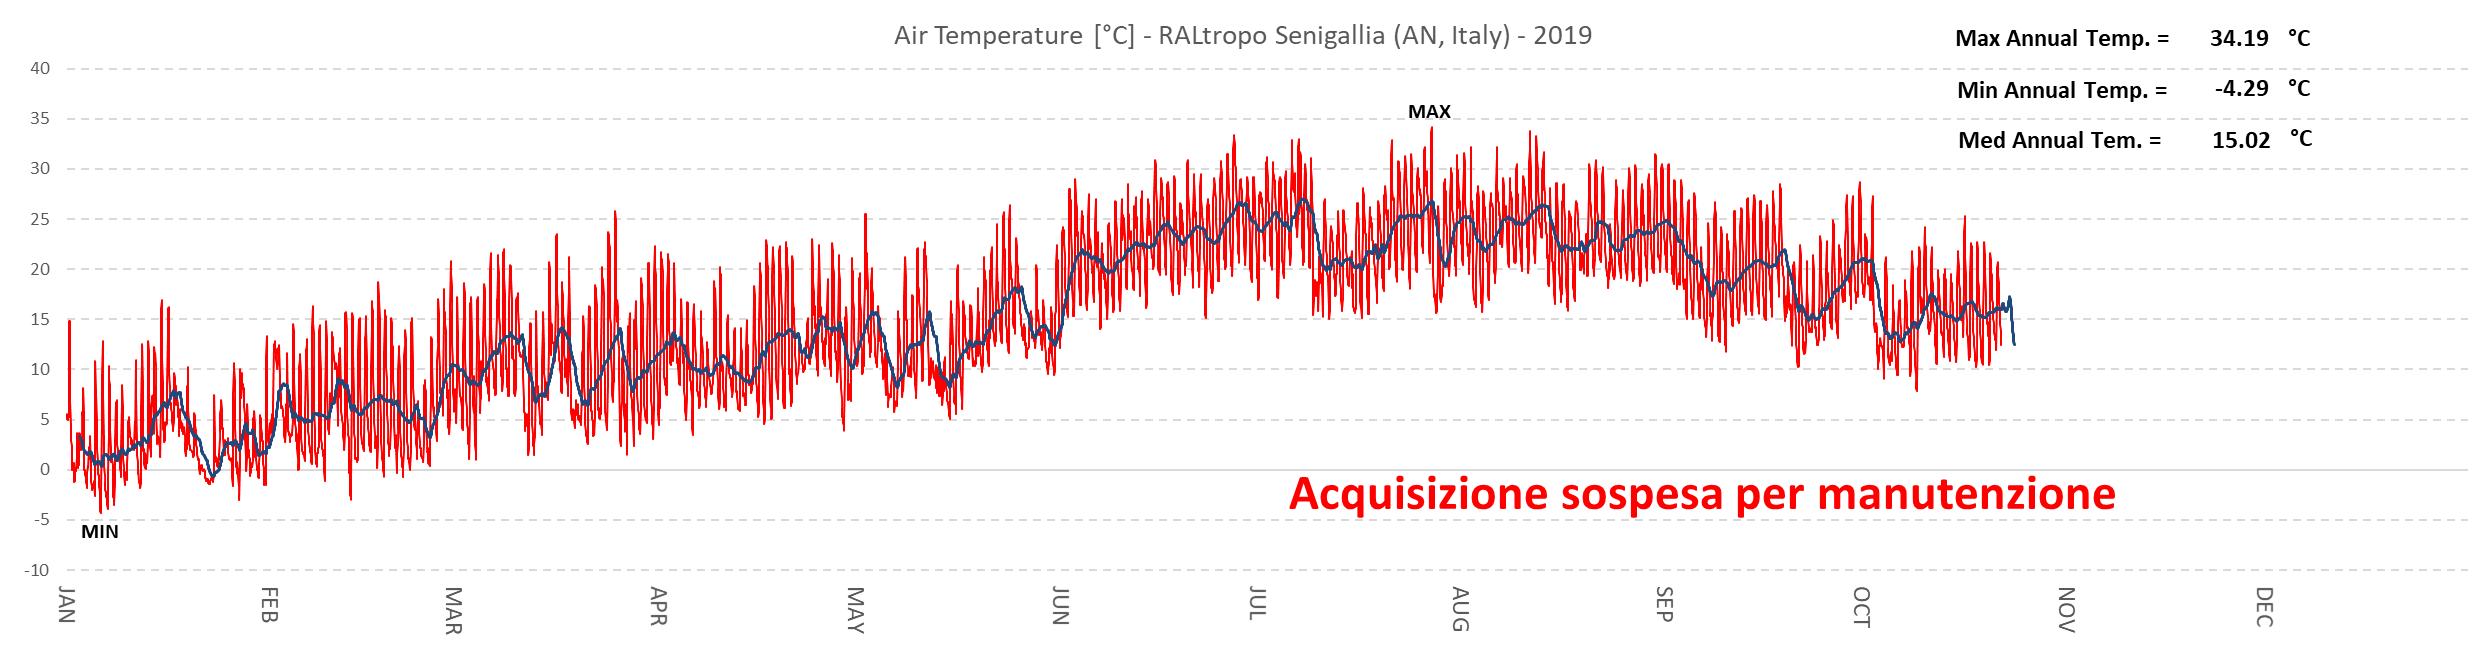 Variazioni annuali della temperatura dell'aria misurate a un'altezza di circa 9 metri dal suolo. La traccia di colore blu rappresenta il valore medio giornaliero della temperatura, quella di colore rosso descrive le oscillazioni giornaliere della temperatura dell'aria.